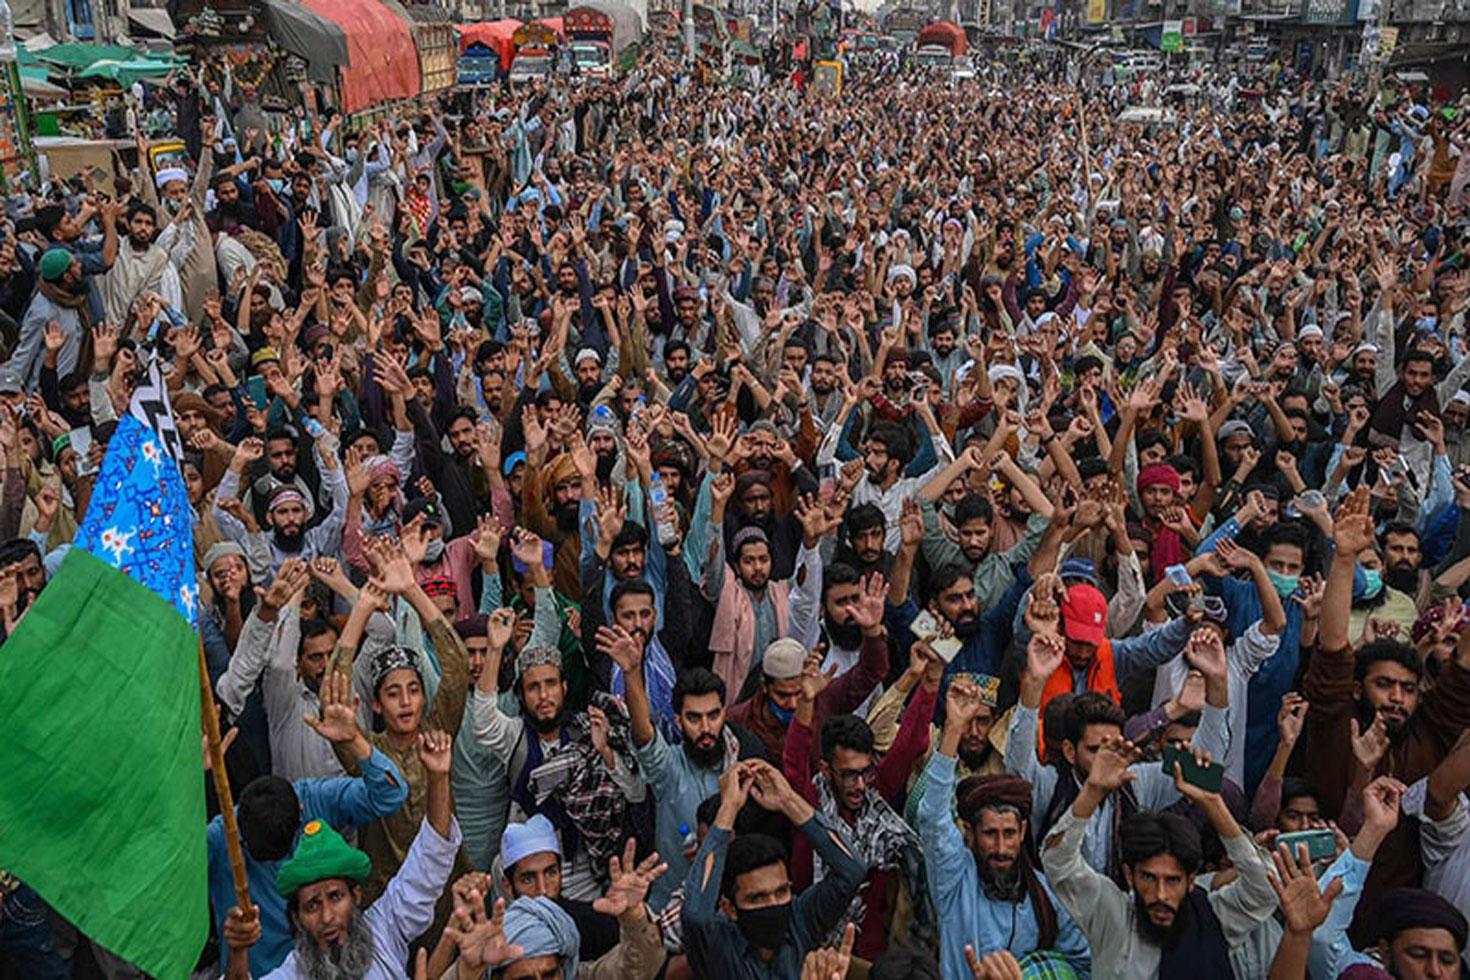 ইসলামপন্থিদের সামনে 'নত' ইমরান সরকার, ৩৫০ বন্দি মুক্ত